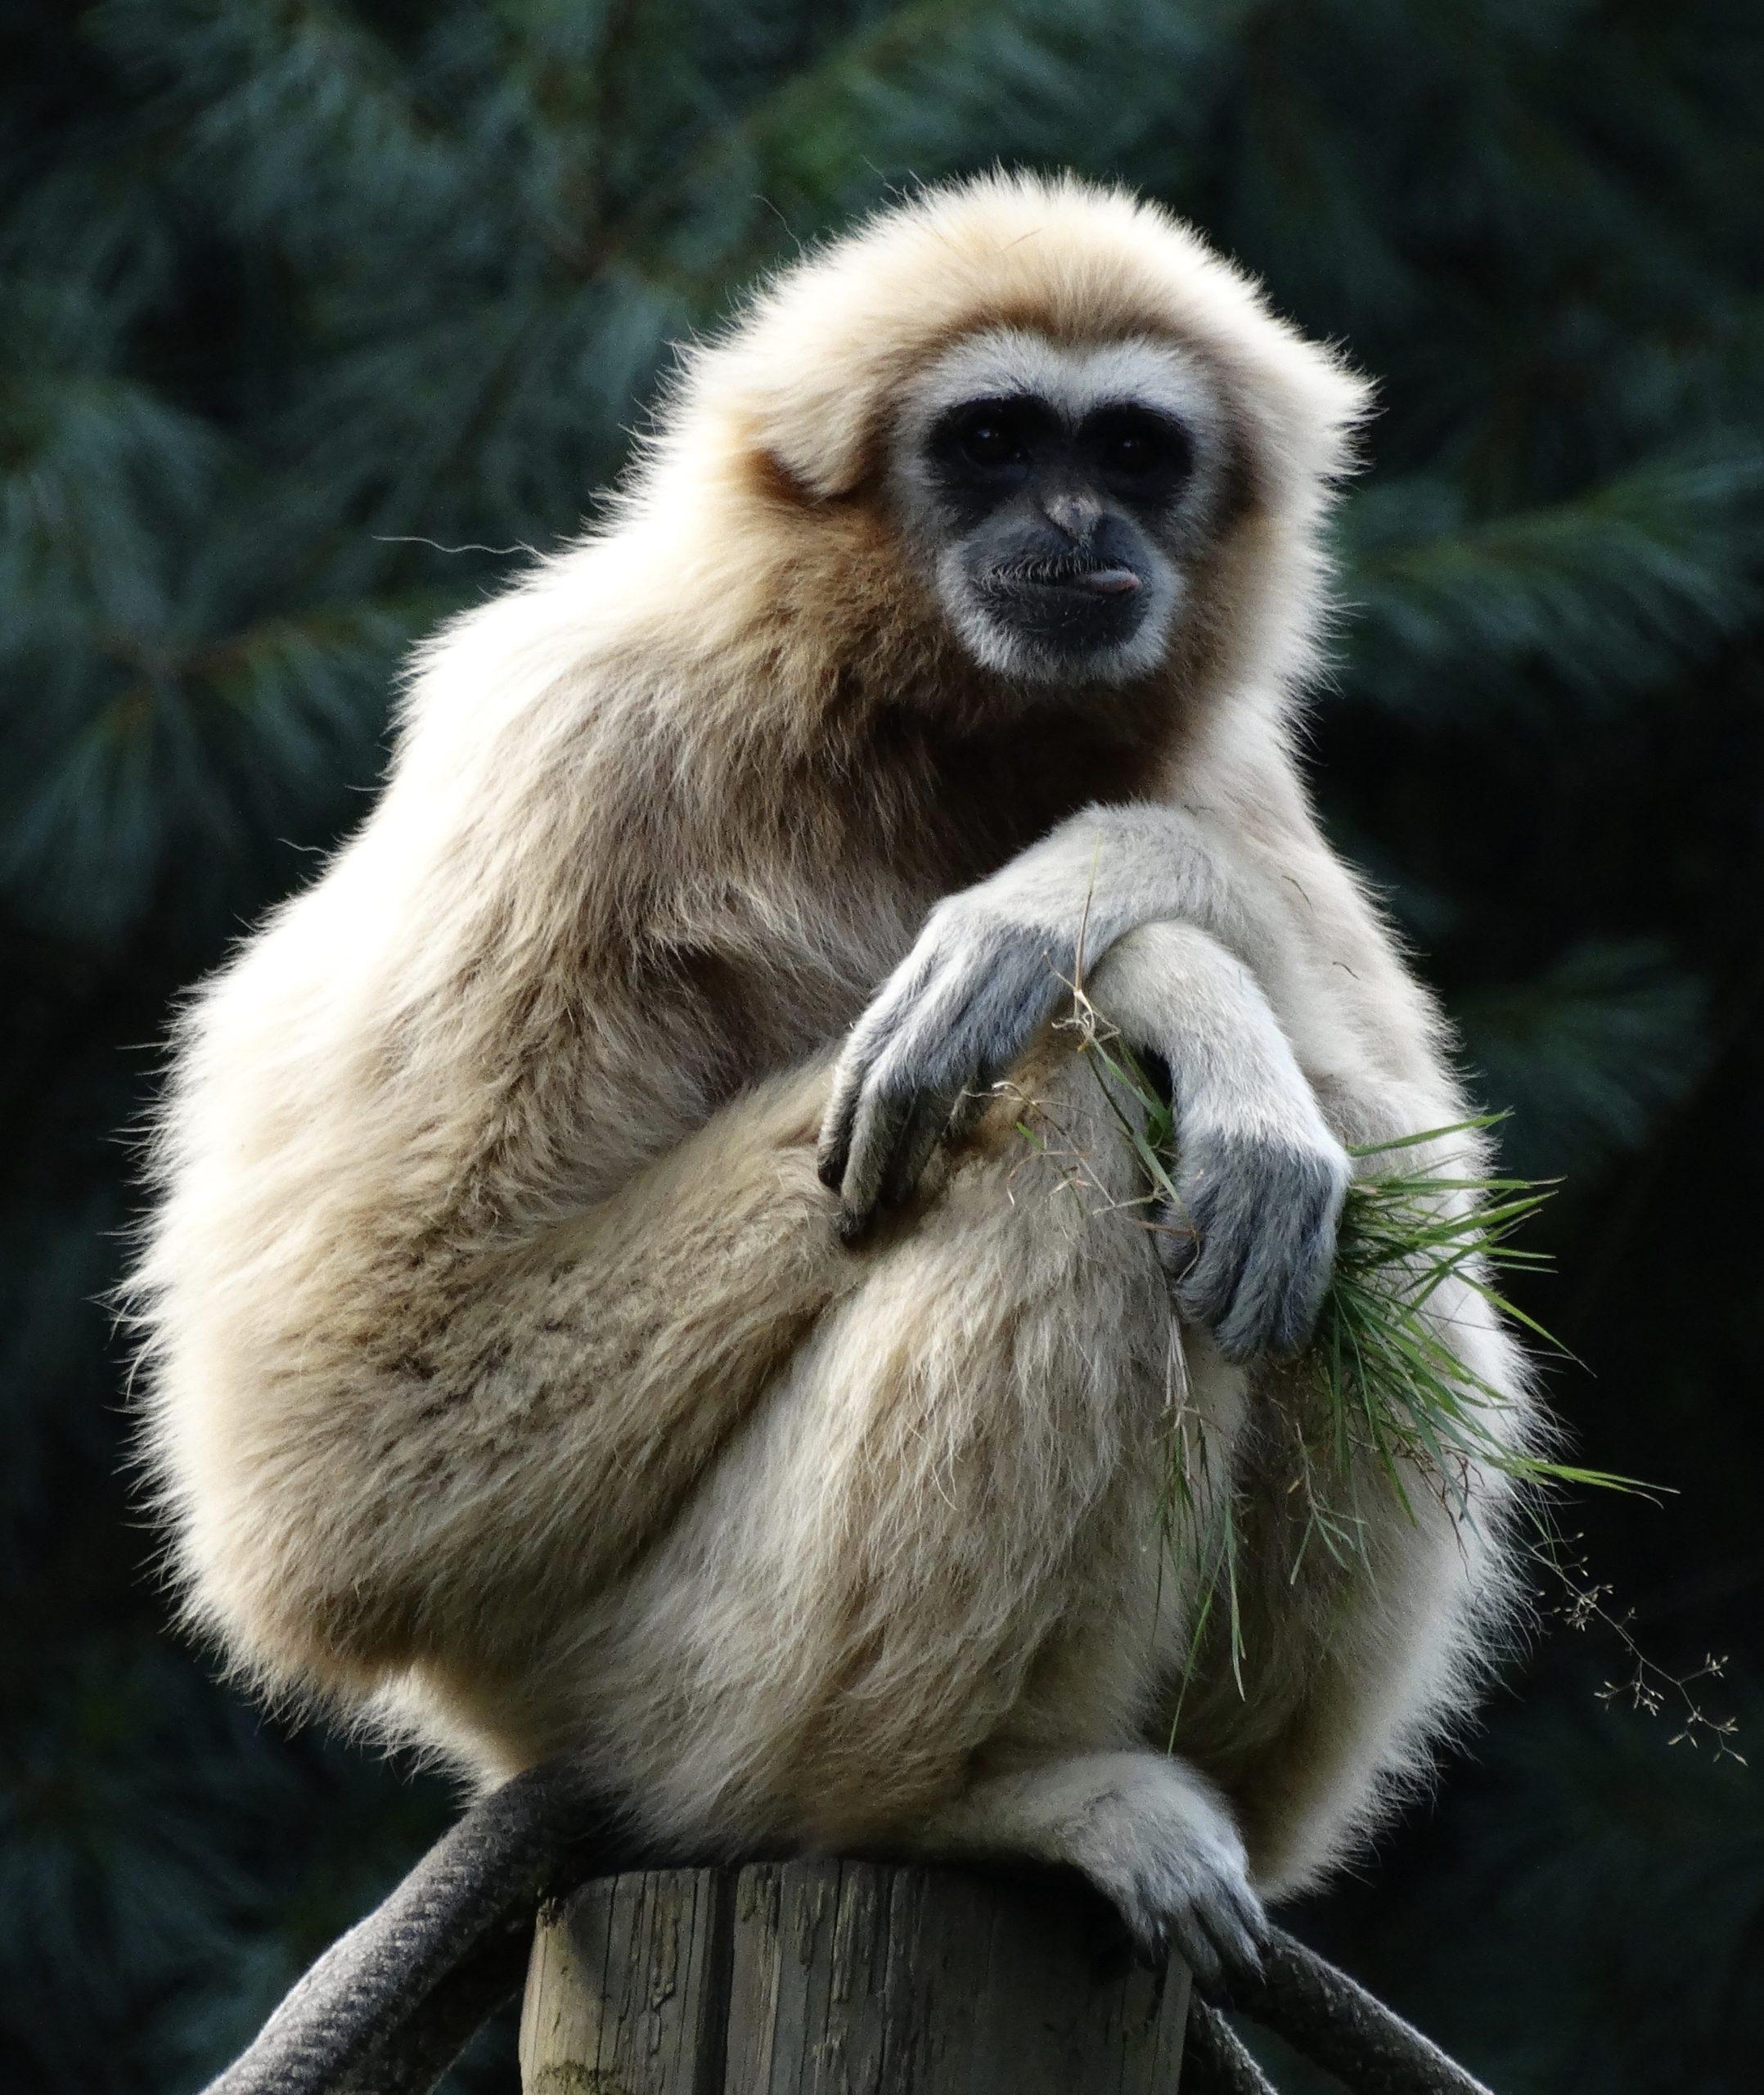 gibbon_captivité_assis_beige_thailande_asie